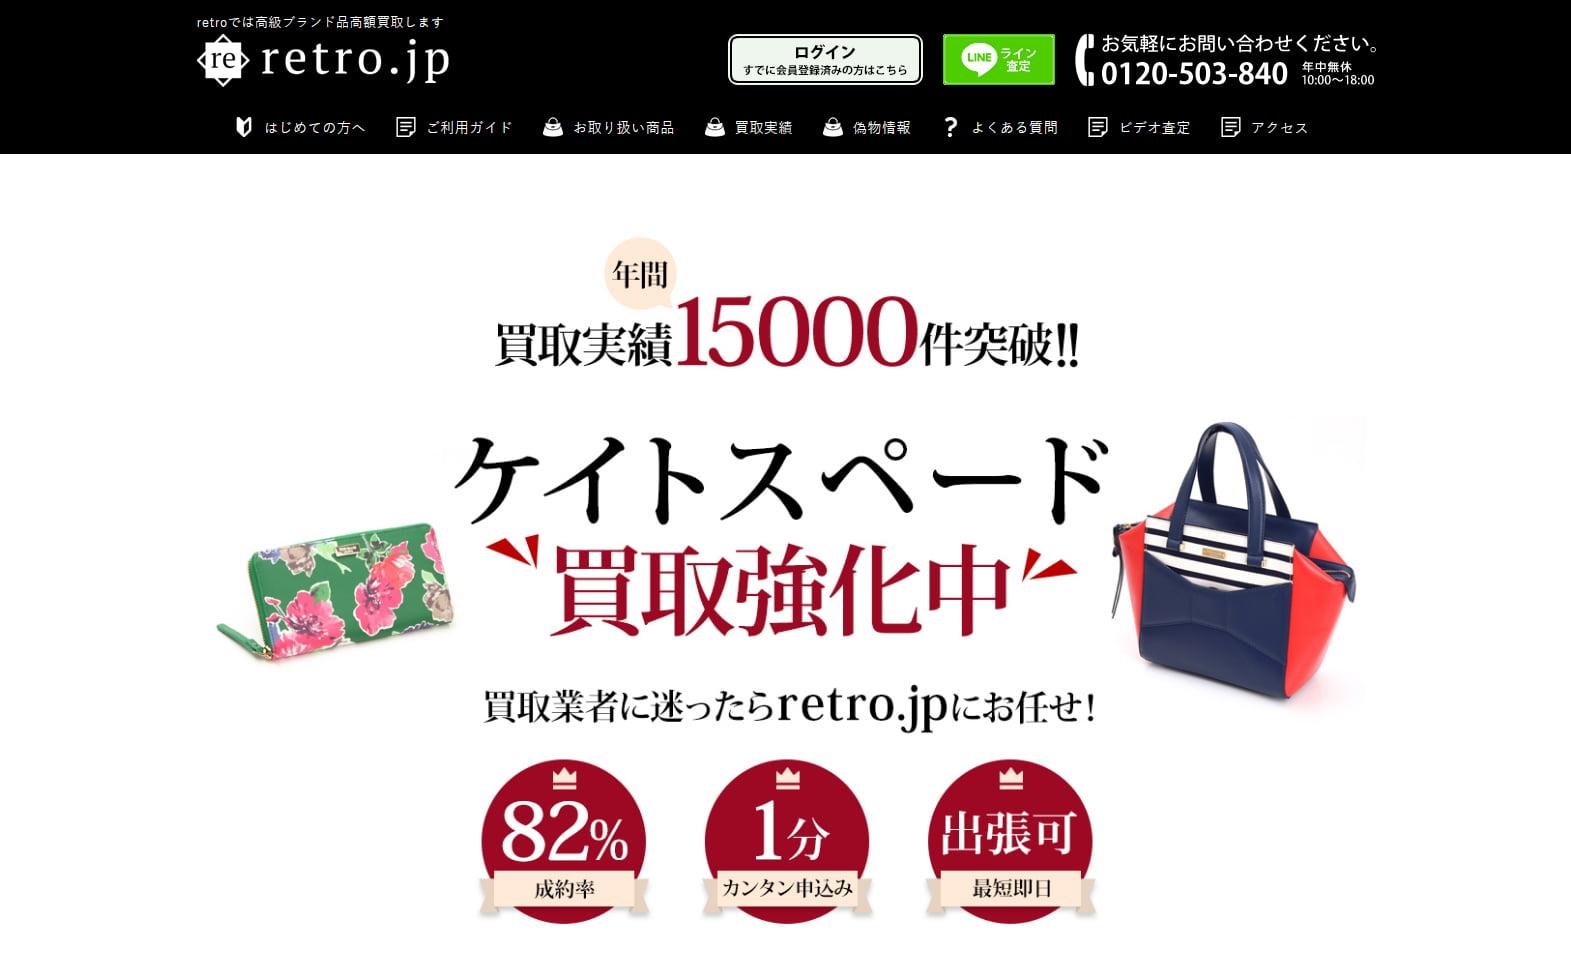 ケイトスペード買取おすすめ店retro.jp